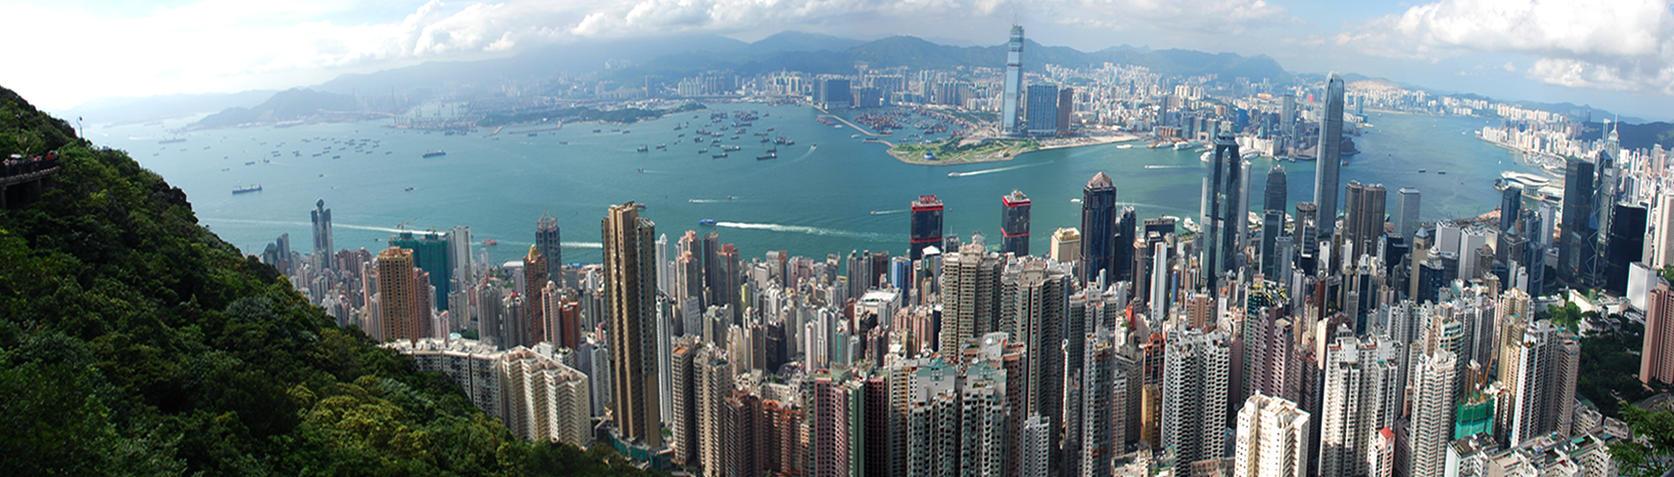 Hong Kong by Sindacollo